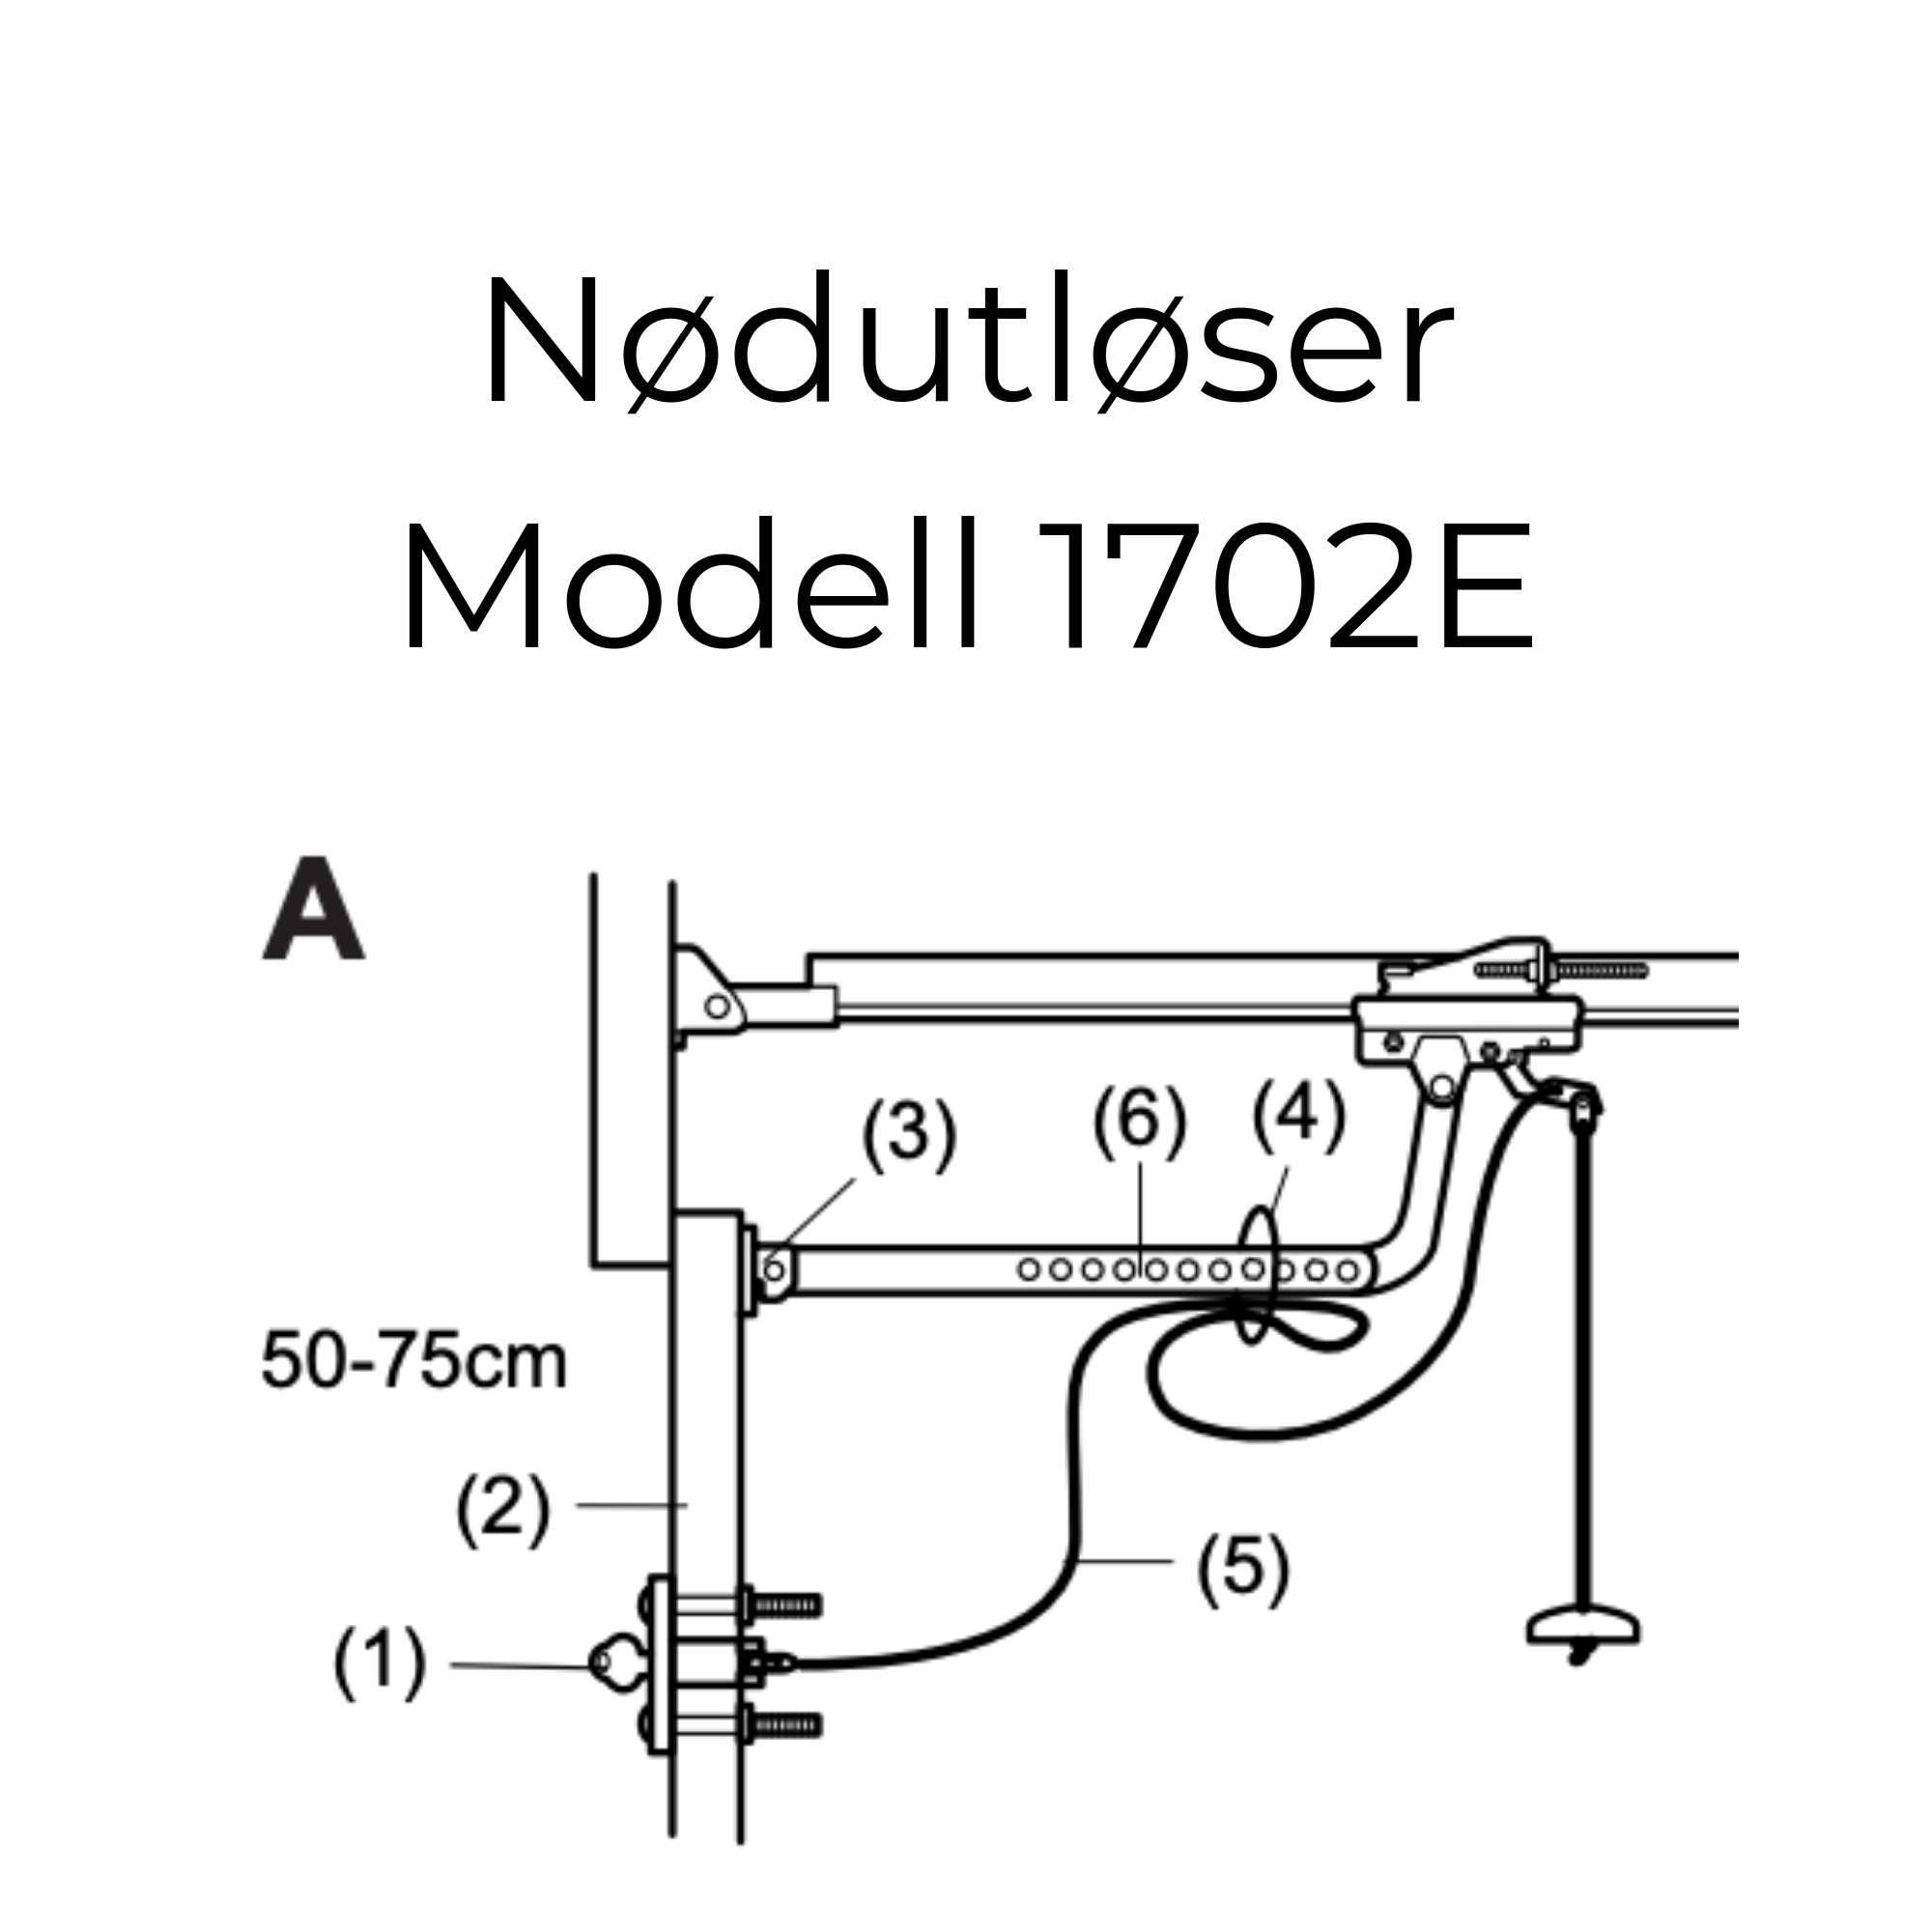 Nødutløser Modell 1702E